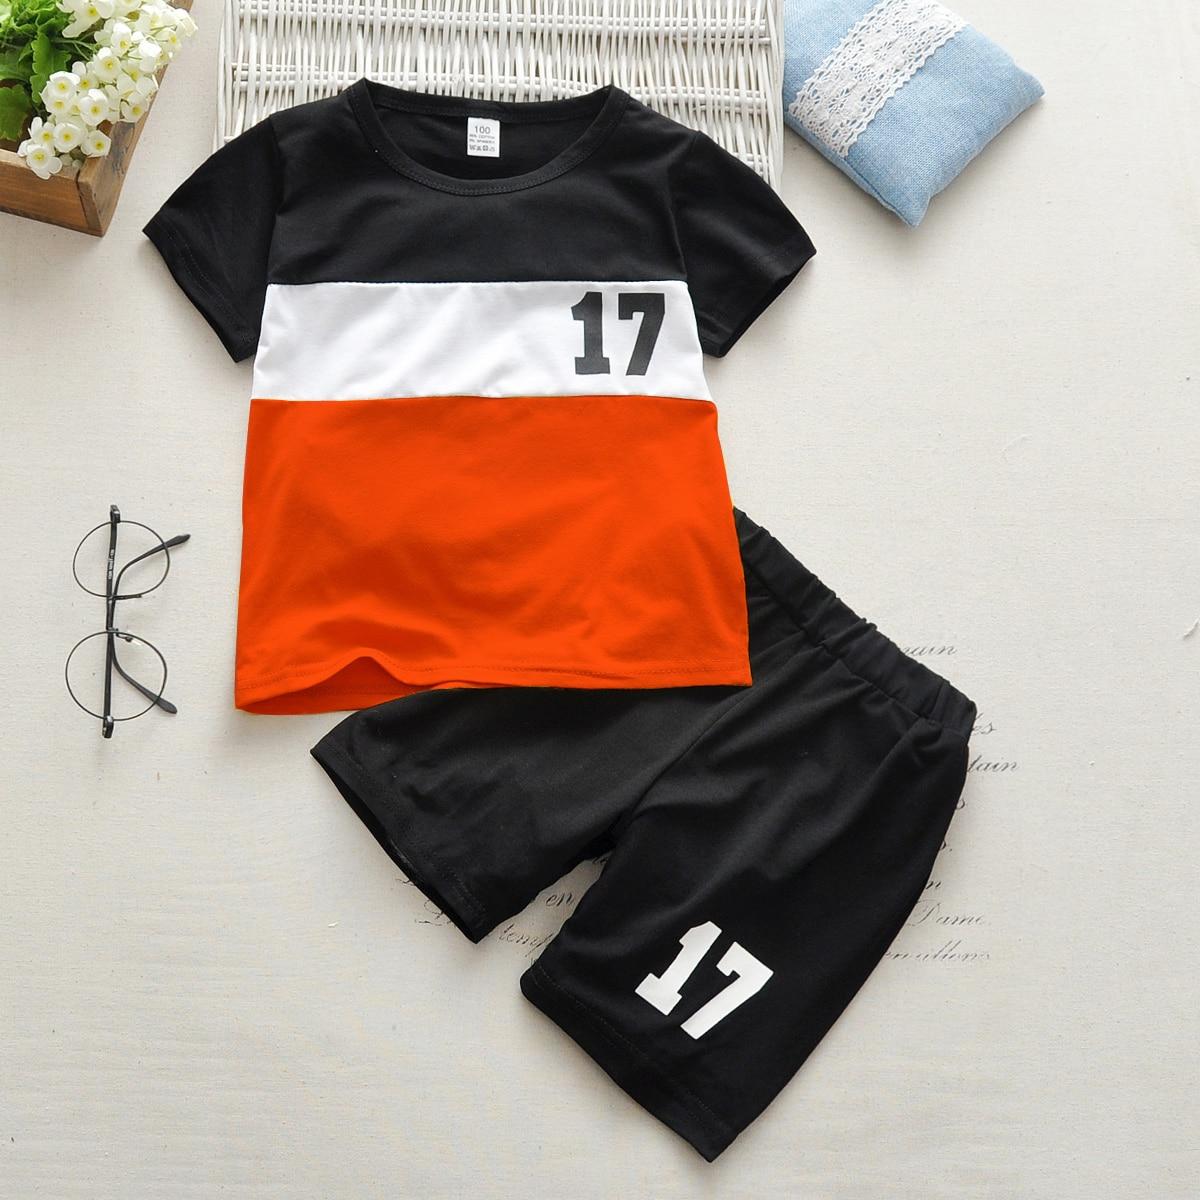 SHEIN / Kleinkind Jungen T-Shirt mit Farbblock, Nummer Muster und Shorts